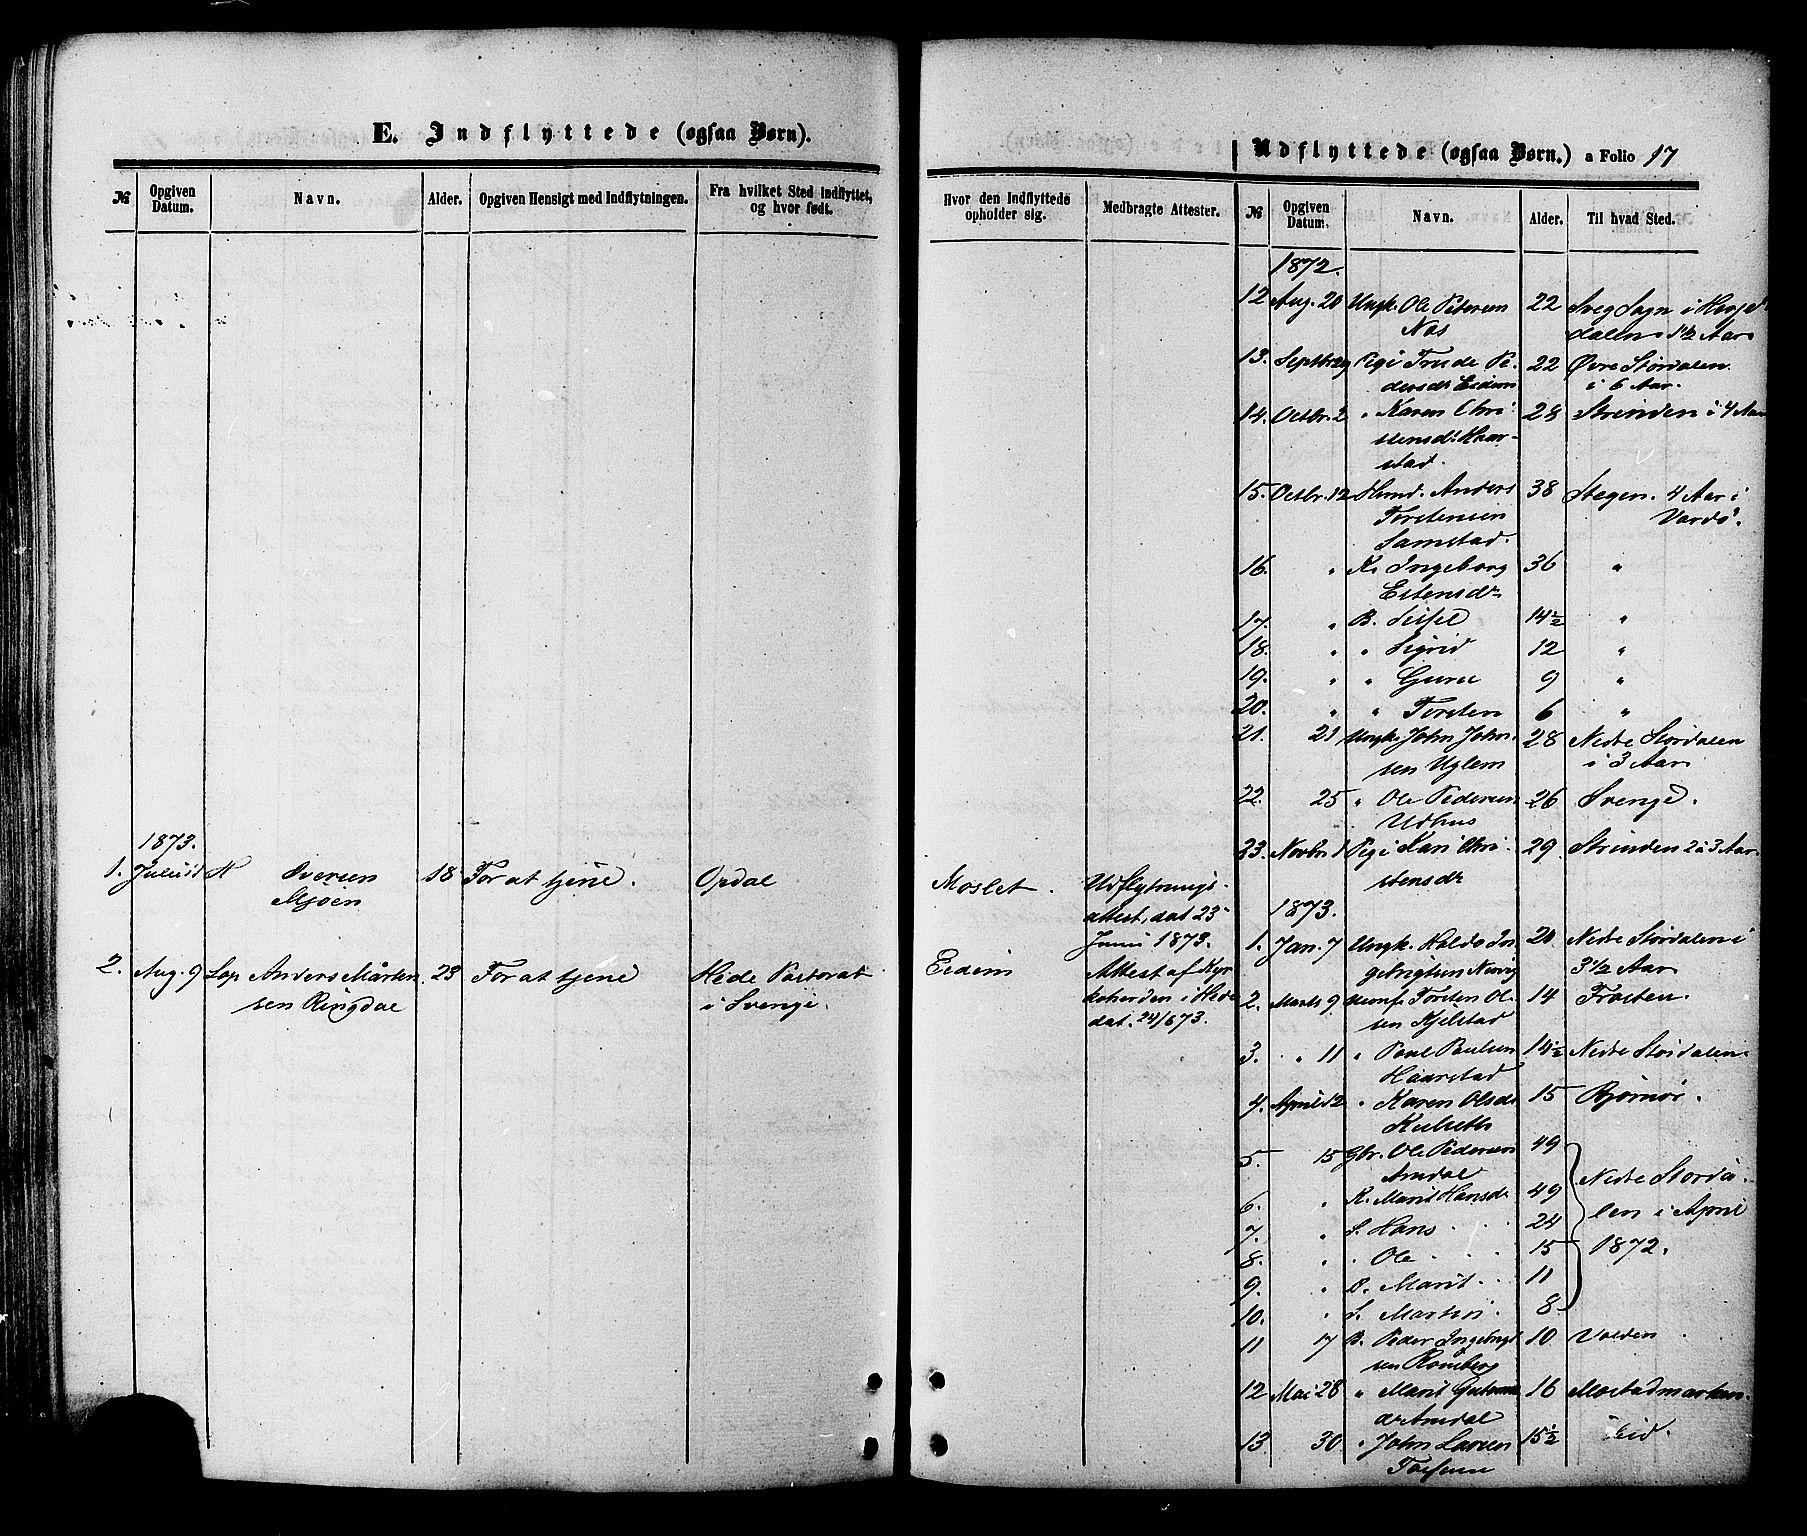 SAT, Ministerialprotokoller, klokkerbøker og fødselsregistre - Sør-Trøndelag, 695/L1147: Ministerialbok nr. 695A07, 1860-1877, s. 17